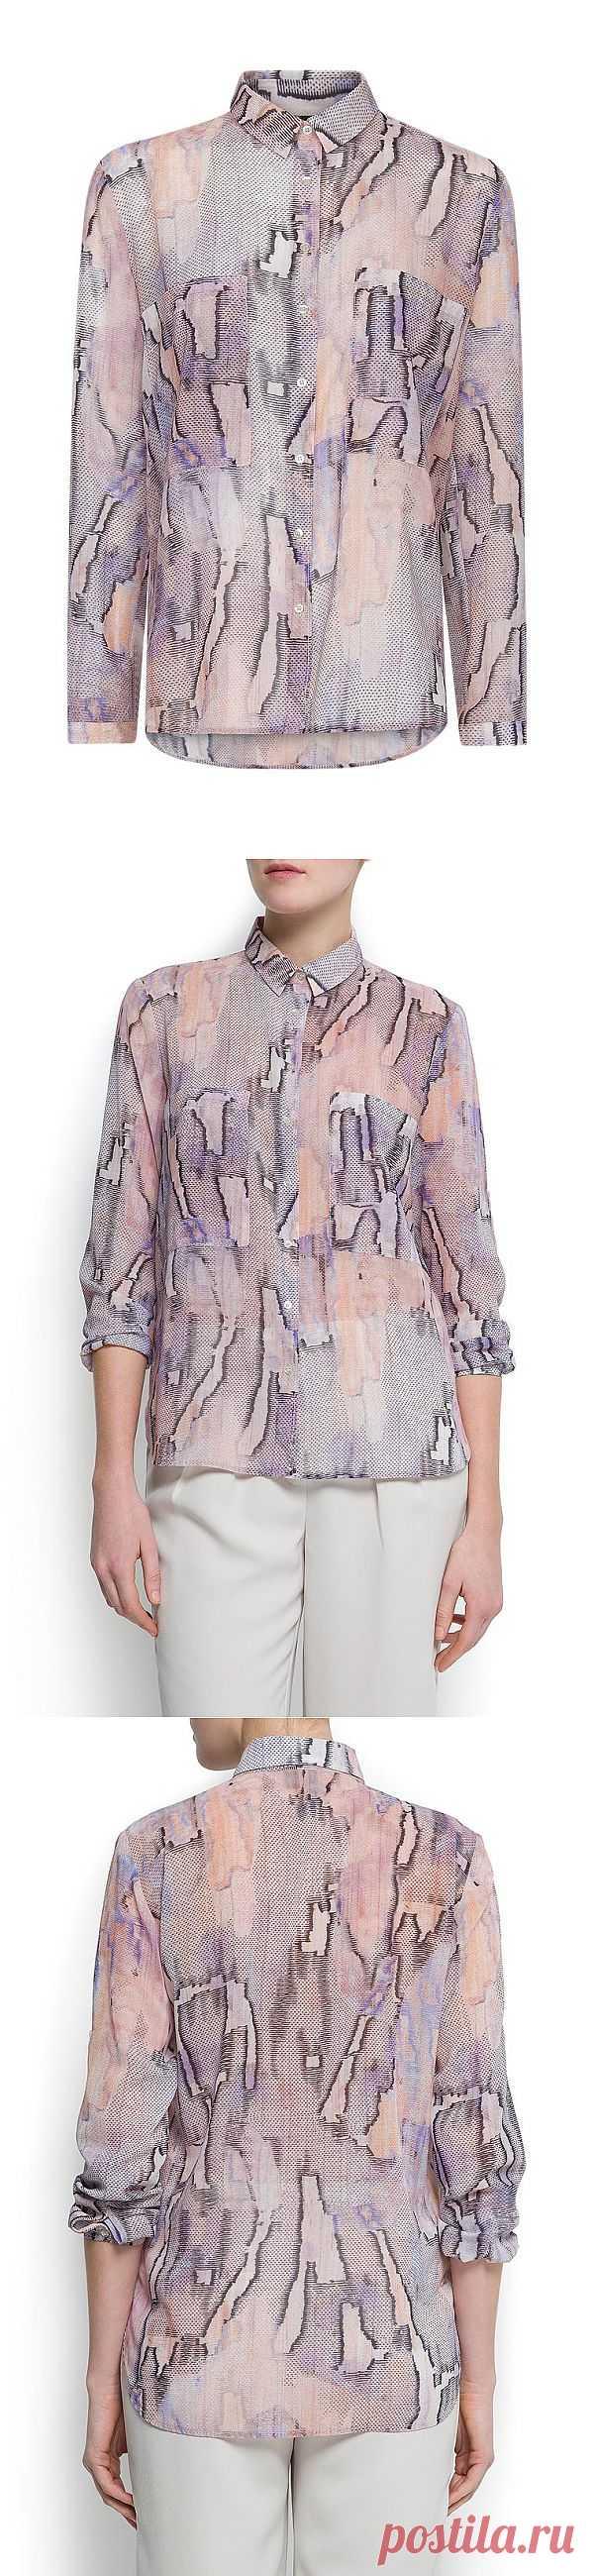 Летняя распродажа на Lamoda еще продолжается!  Шифоновая блузка с интересным принтом со скидкой в 50%. Купить за 1 199 рублей.